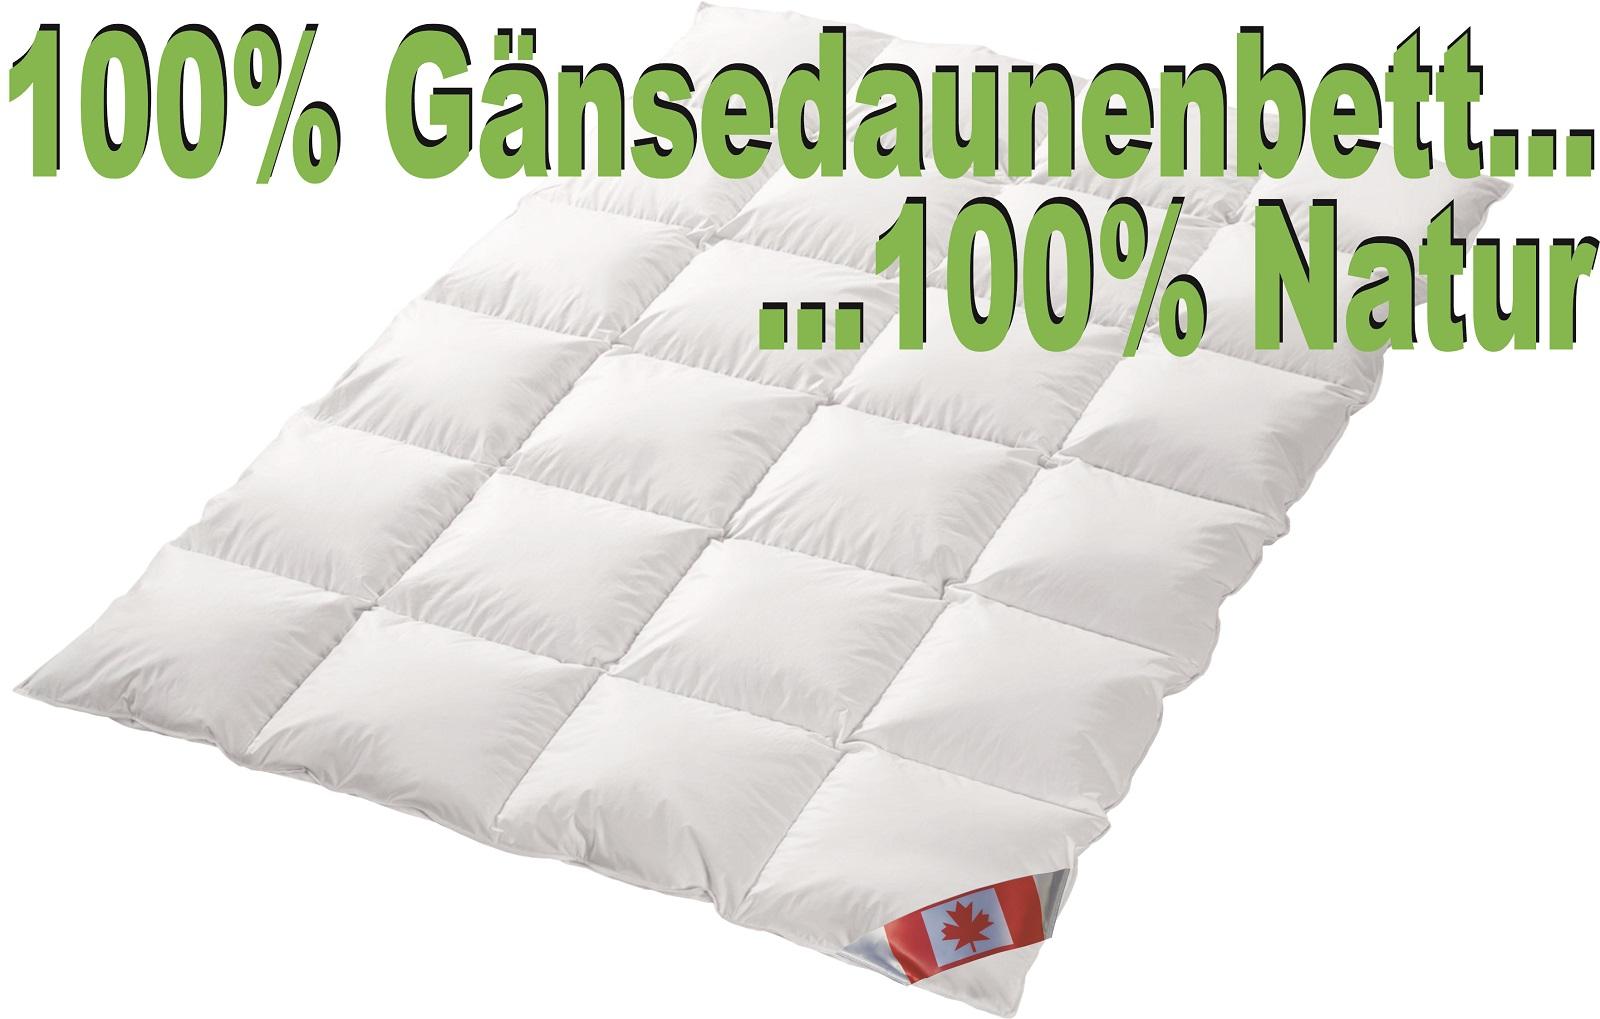 Polaris Premium Winterdecke extra warm 100% Gänsedaune Hochsteg 135x200 cm